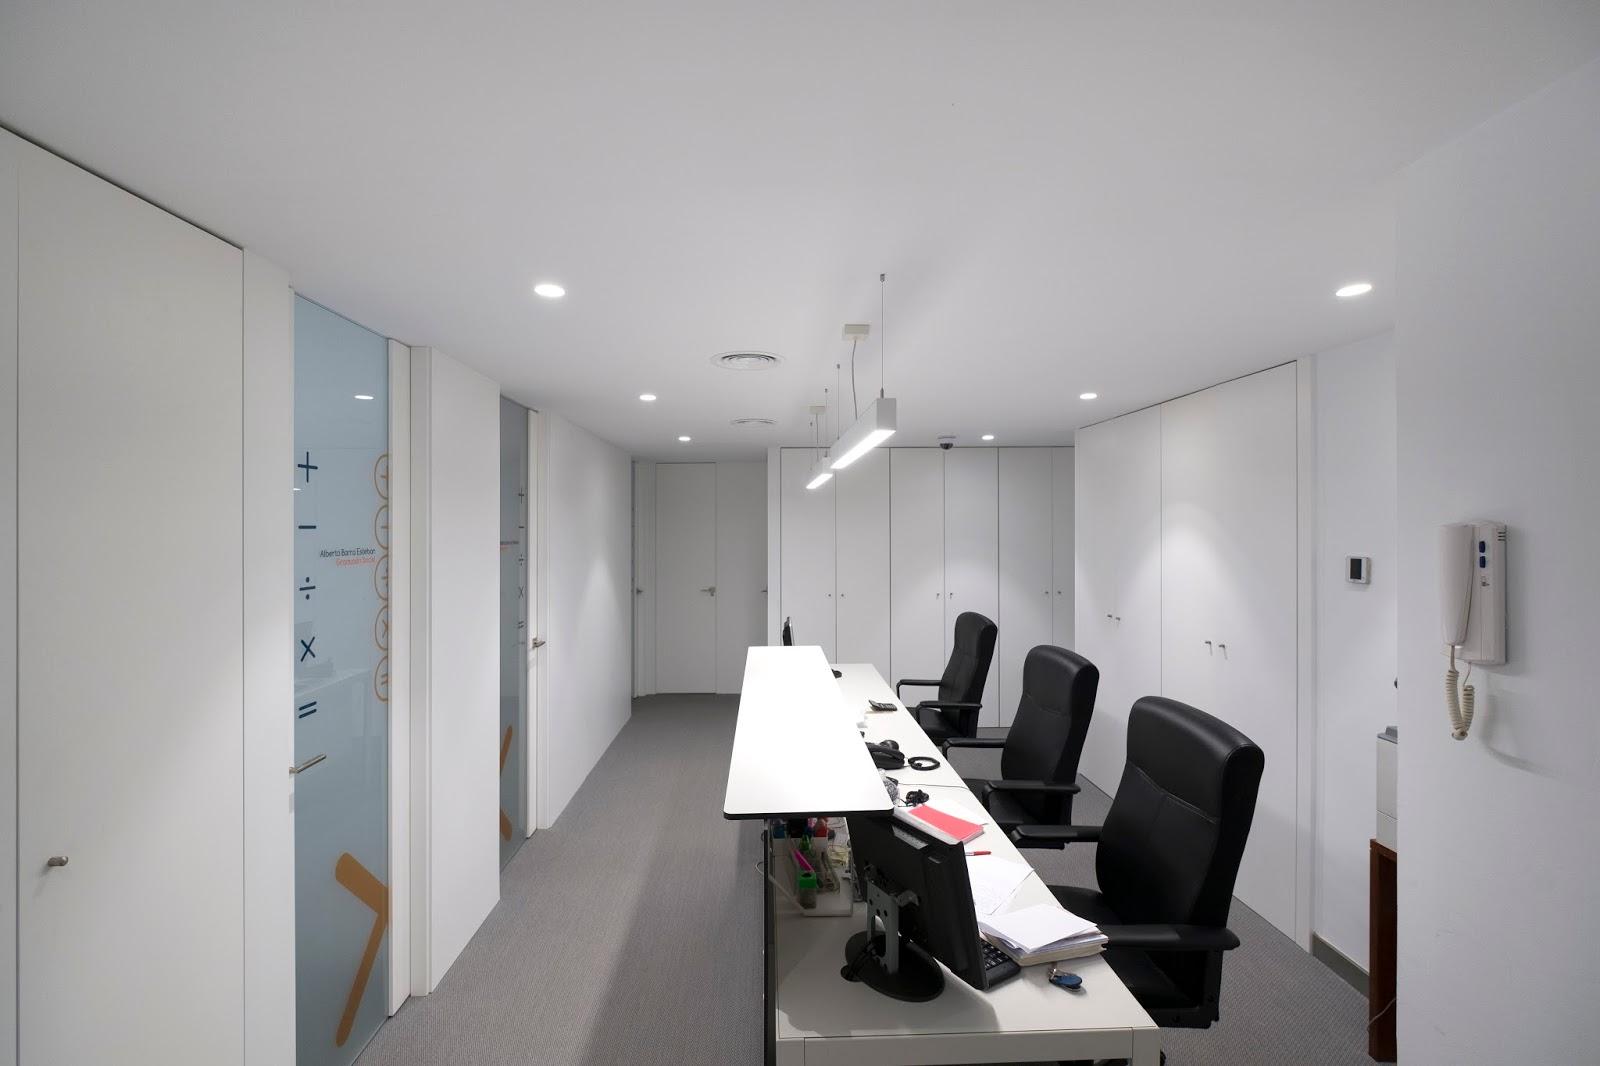 Pujol cruz pizarro arquitectos reforma de oficinas en c diz for Oficinas bankia cadiz